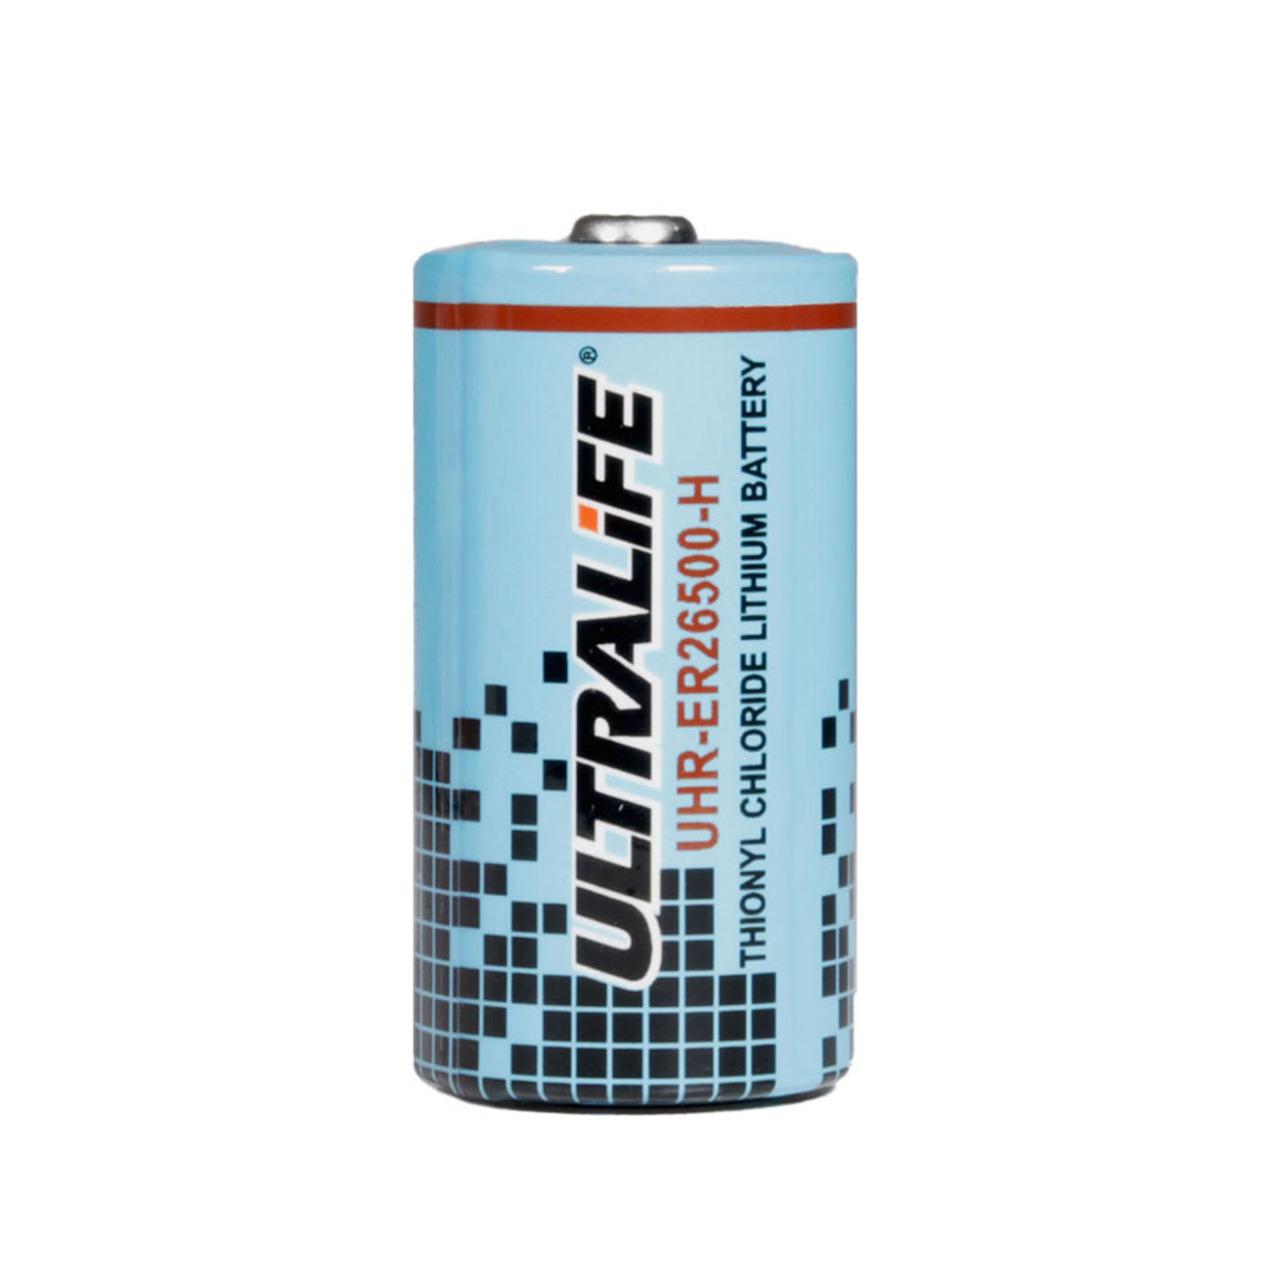 ULTRALIFE Lithium-Batterie UHE-ER26500- 9000 mAh